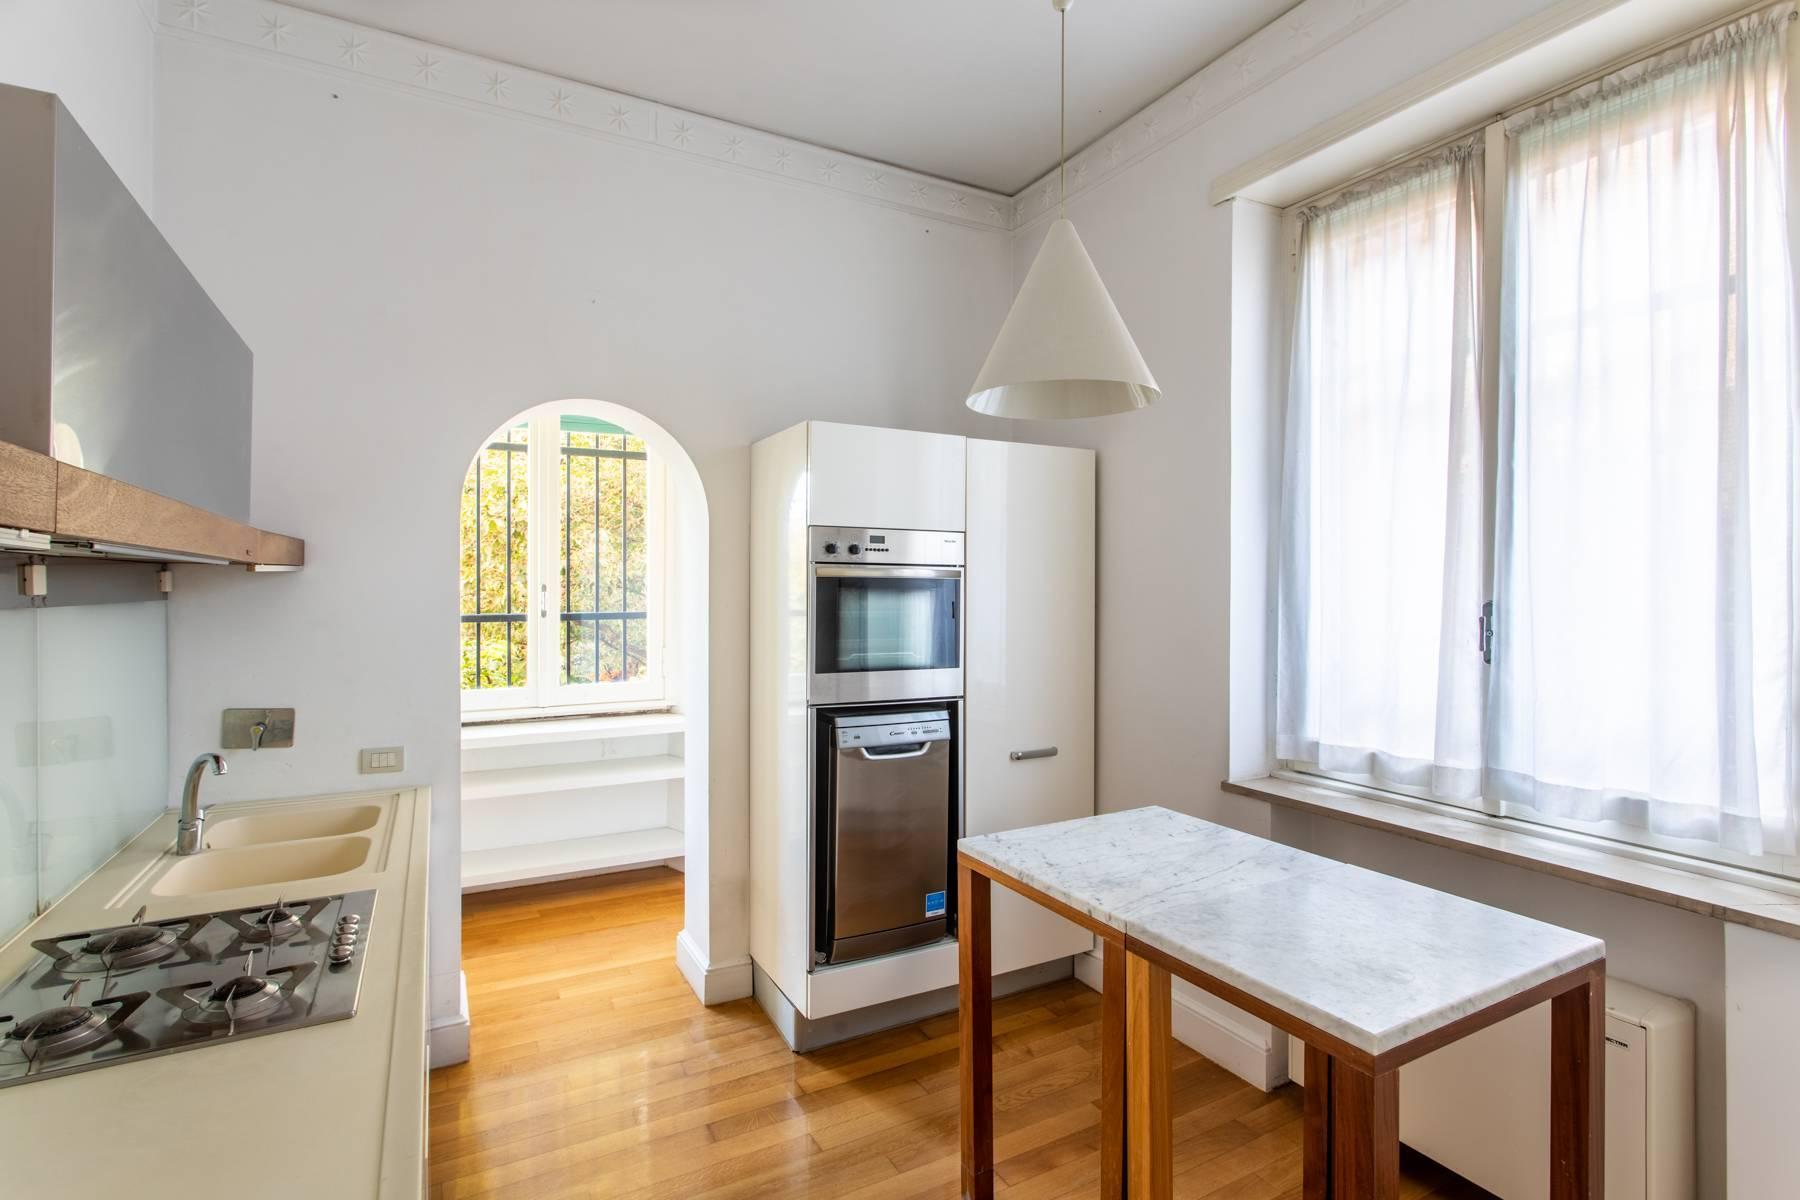 Appartement élégant avec vue sur le jardin - 10